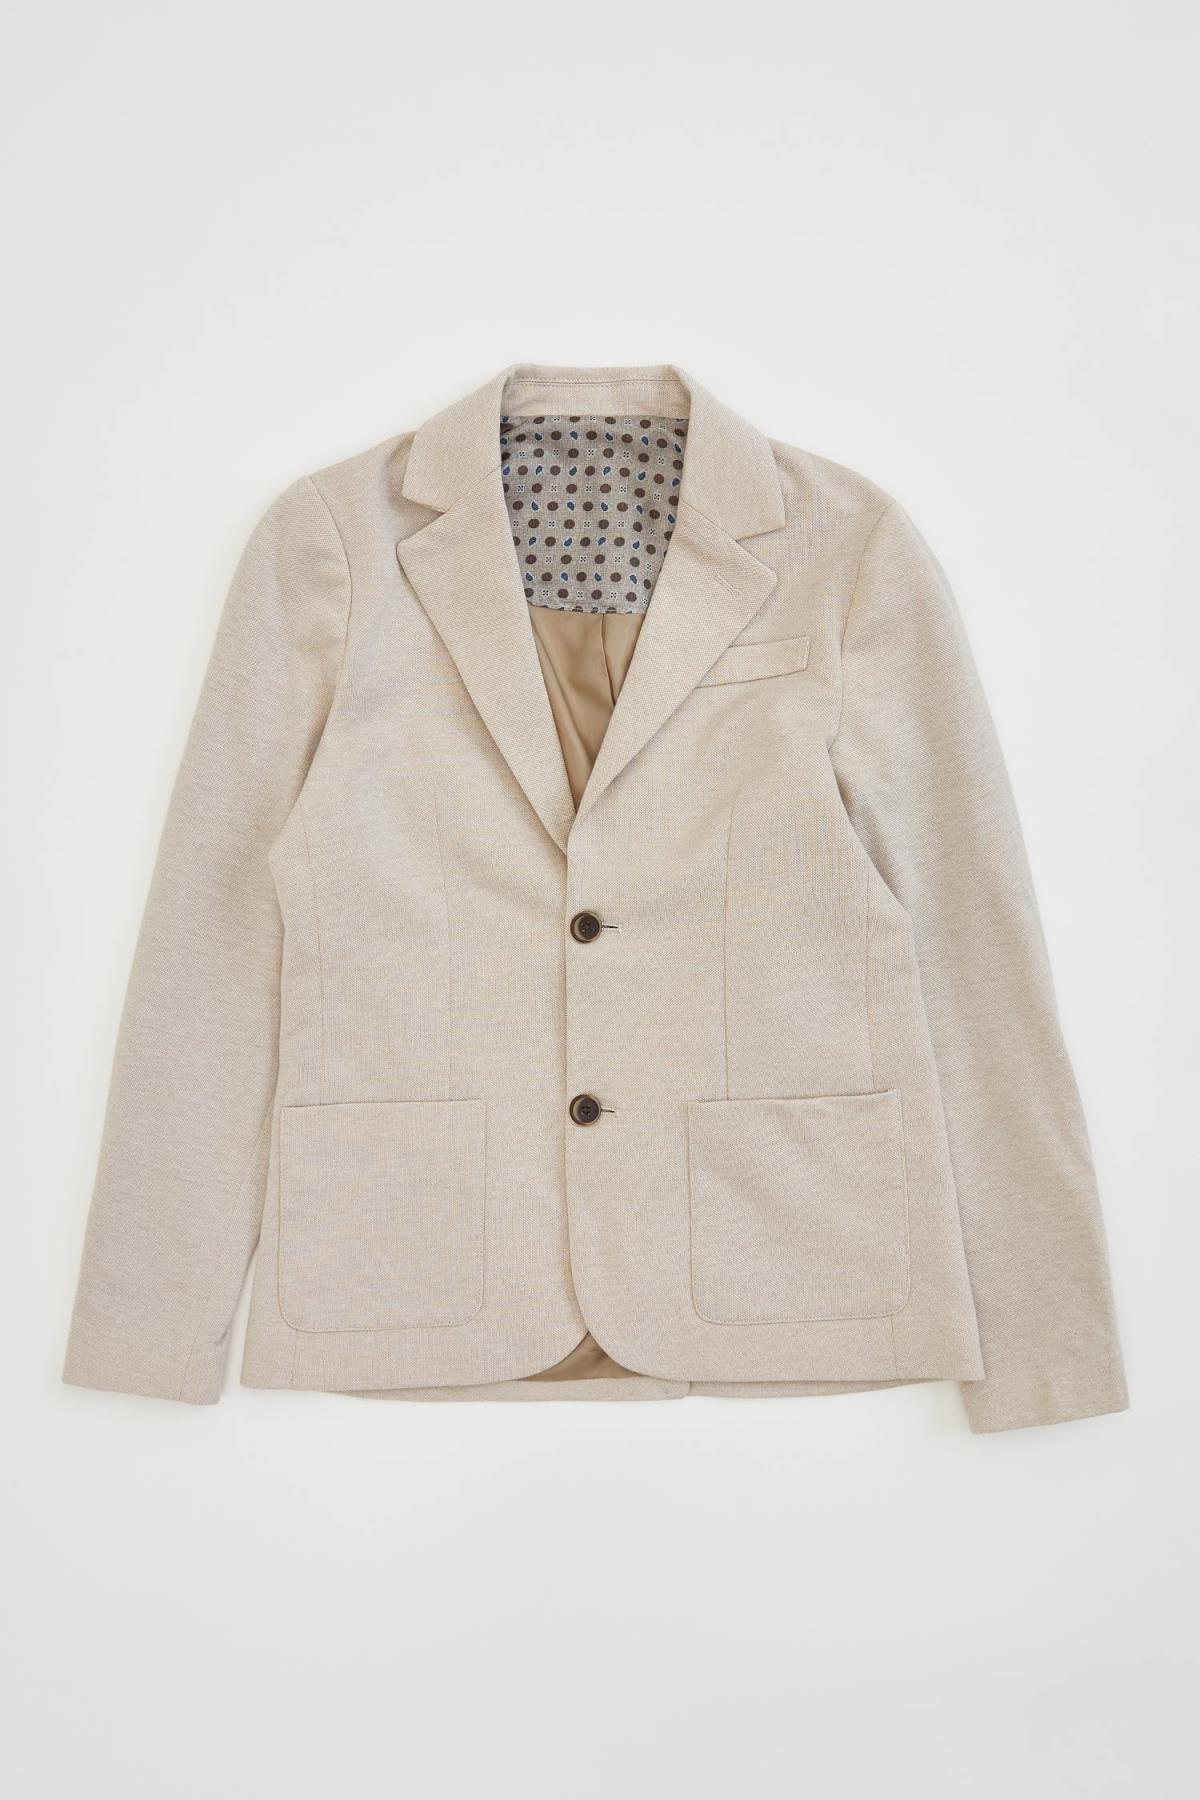 Defacto Erkek Çocuk Blazer Ceket 2